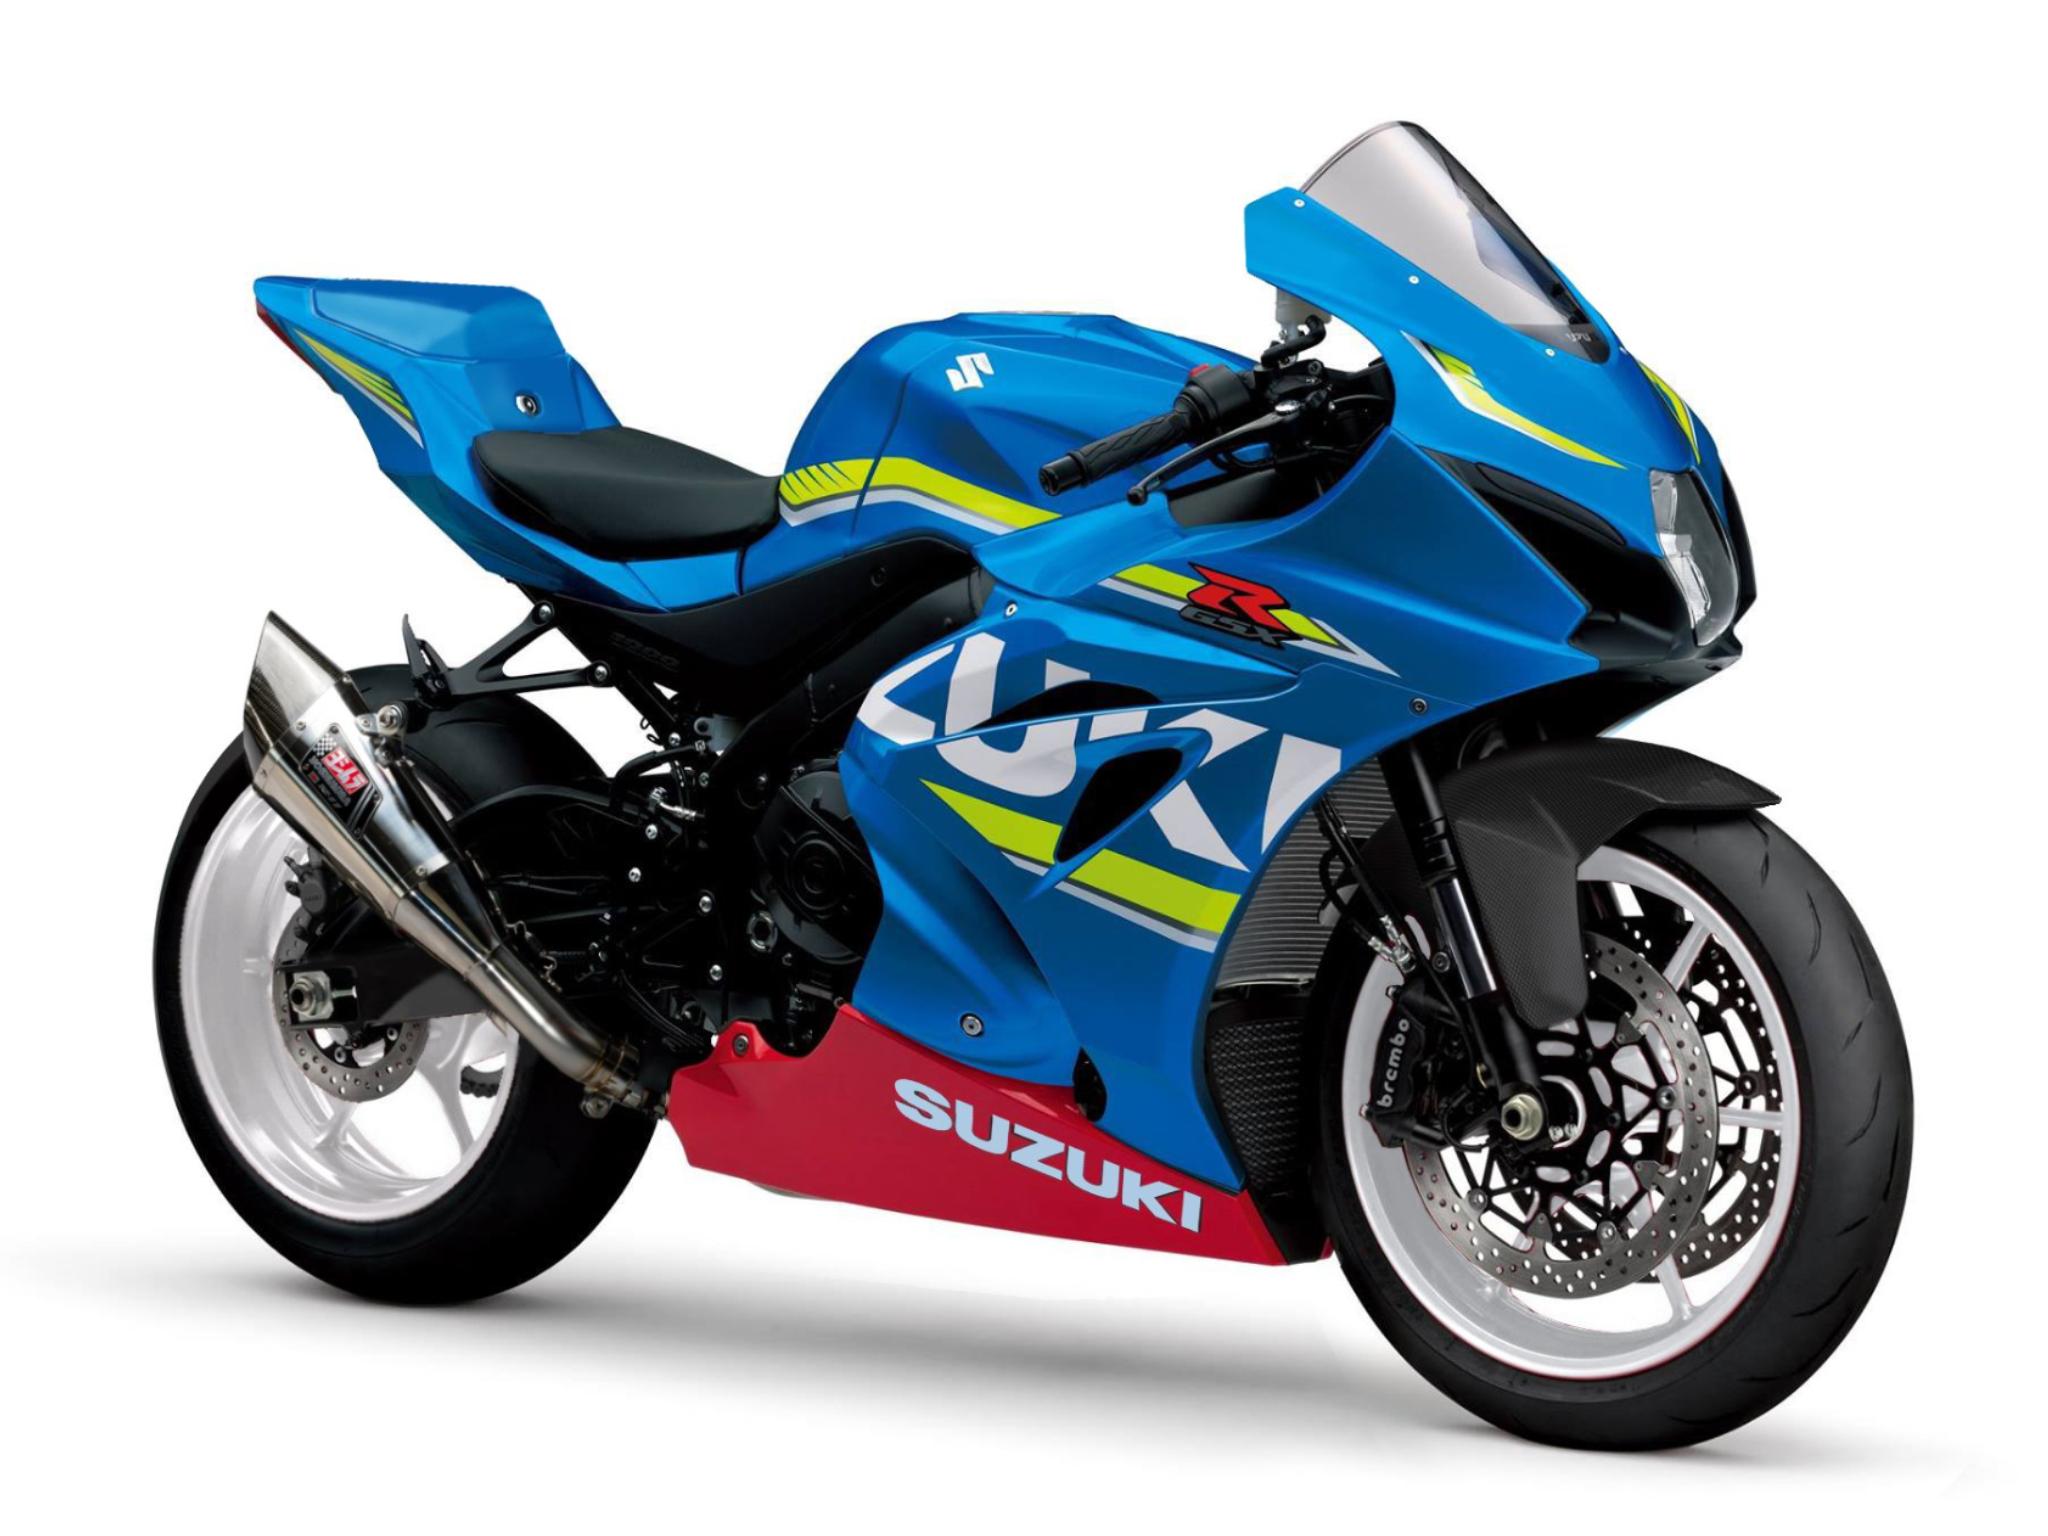 Suzuki gsx r1000 k7 street bikes pinterest suzuki gsx and street bikes